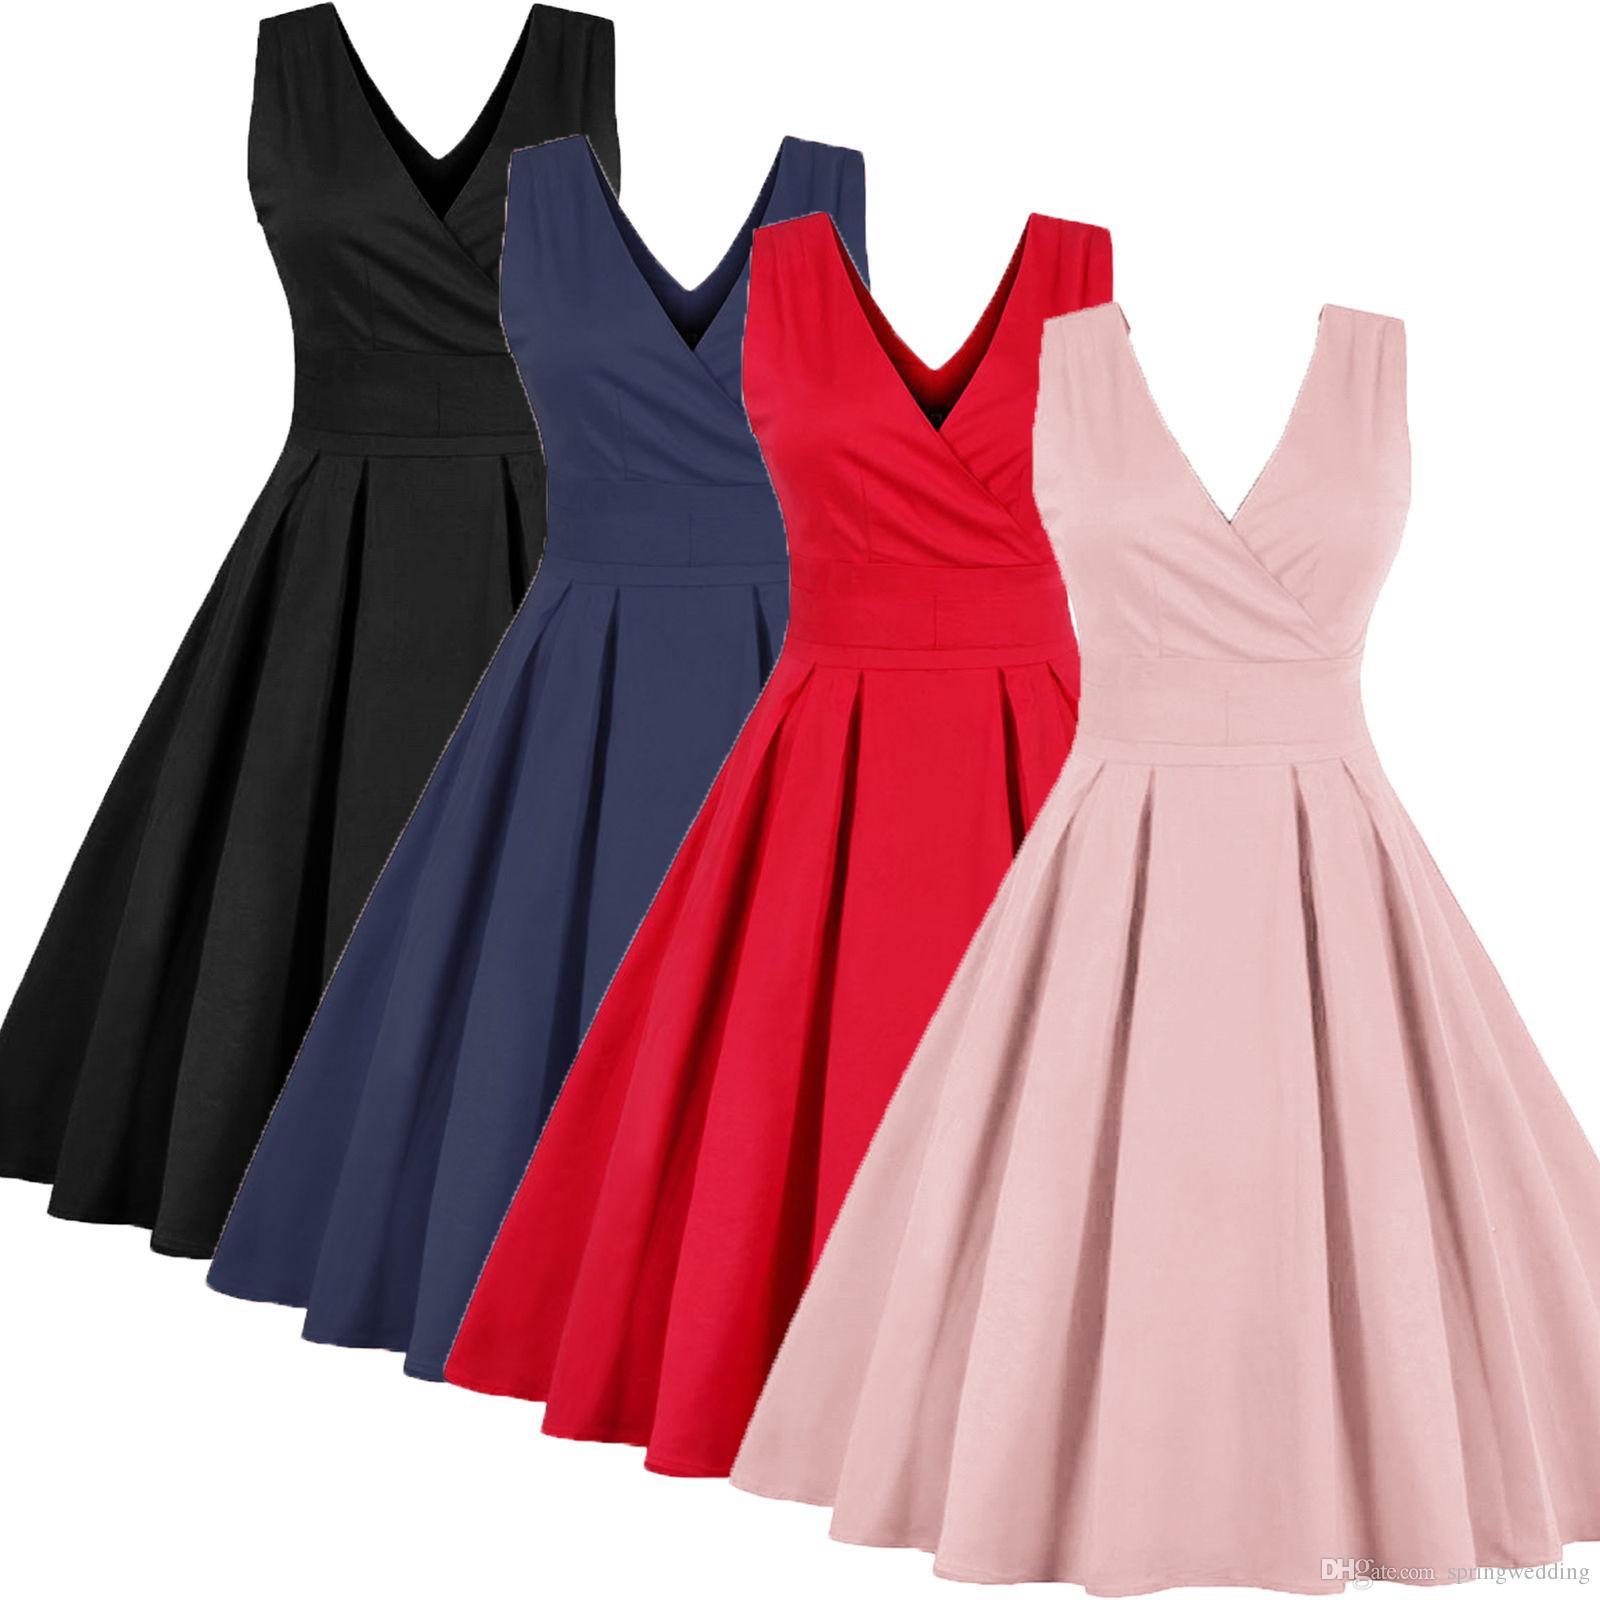 Großhandel Vestidos 16 Sommerkleider Damen Vintage Dress 16XL Plus Size  Ärmelloses Rot Sexy Tiefes V Ausschnitt Party Kleid FS016916 Von  Springwedding,